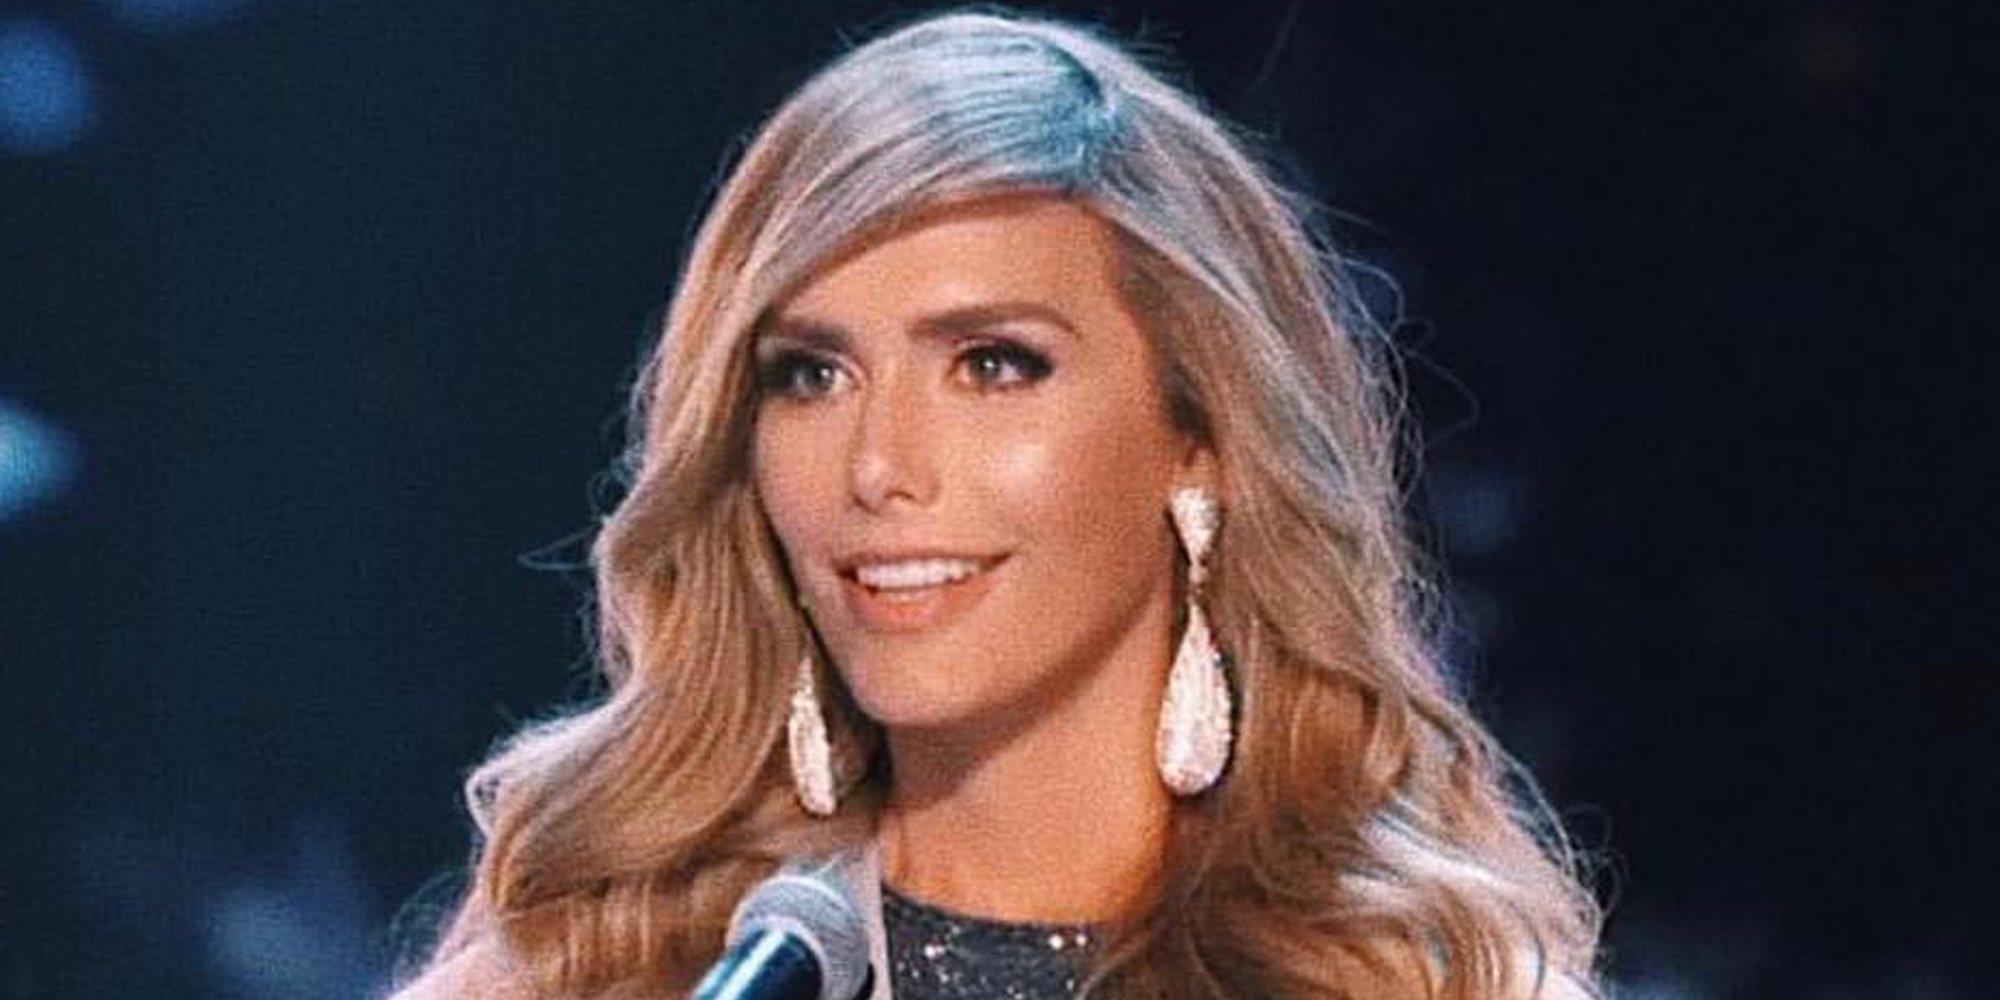 Ángela Ponce, muy ovacionada por haber sido la primera transexual en llegar a Miss Universo